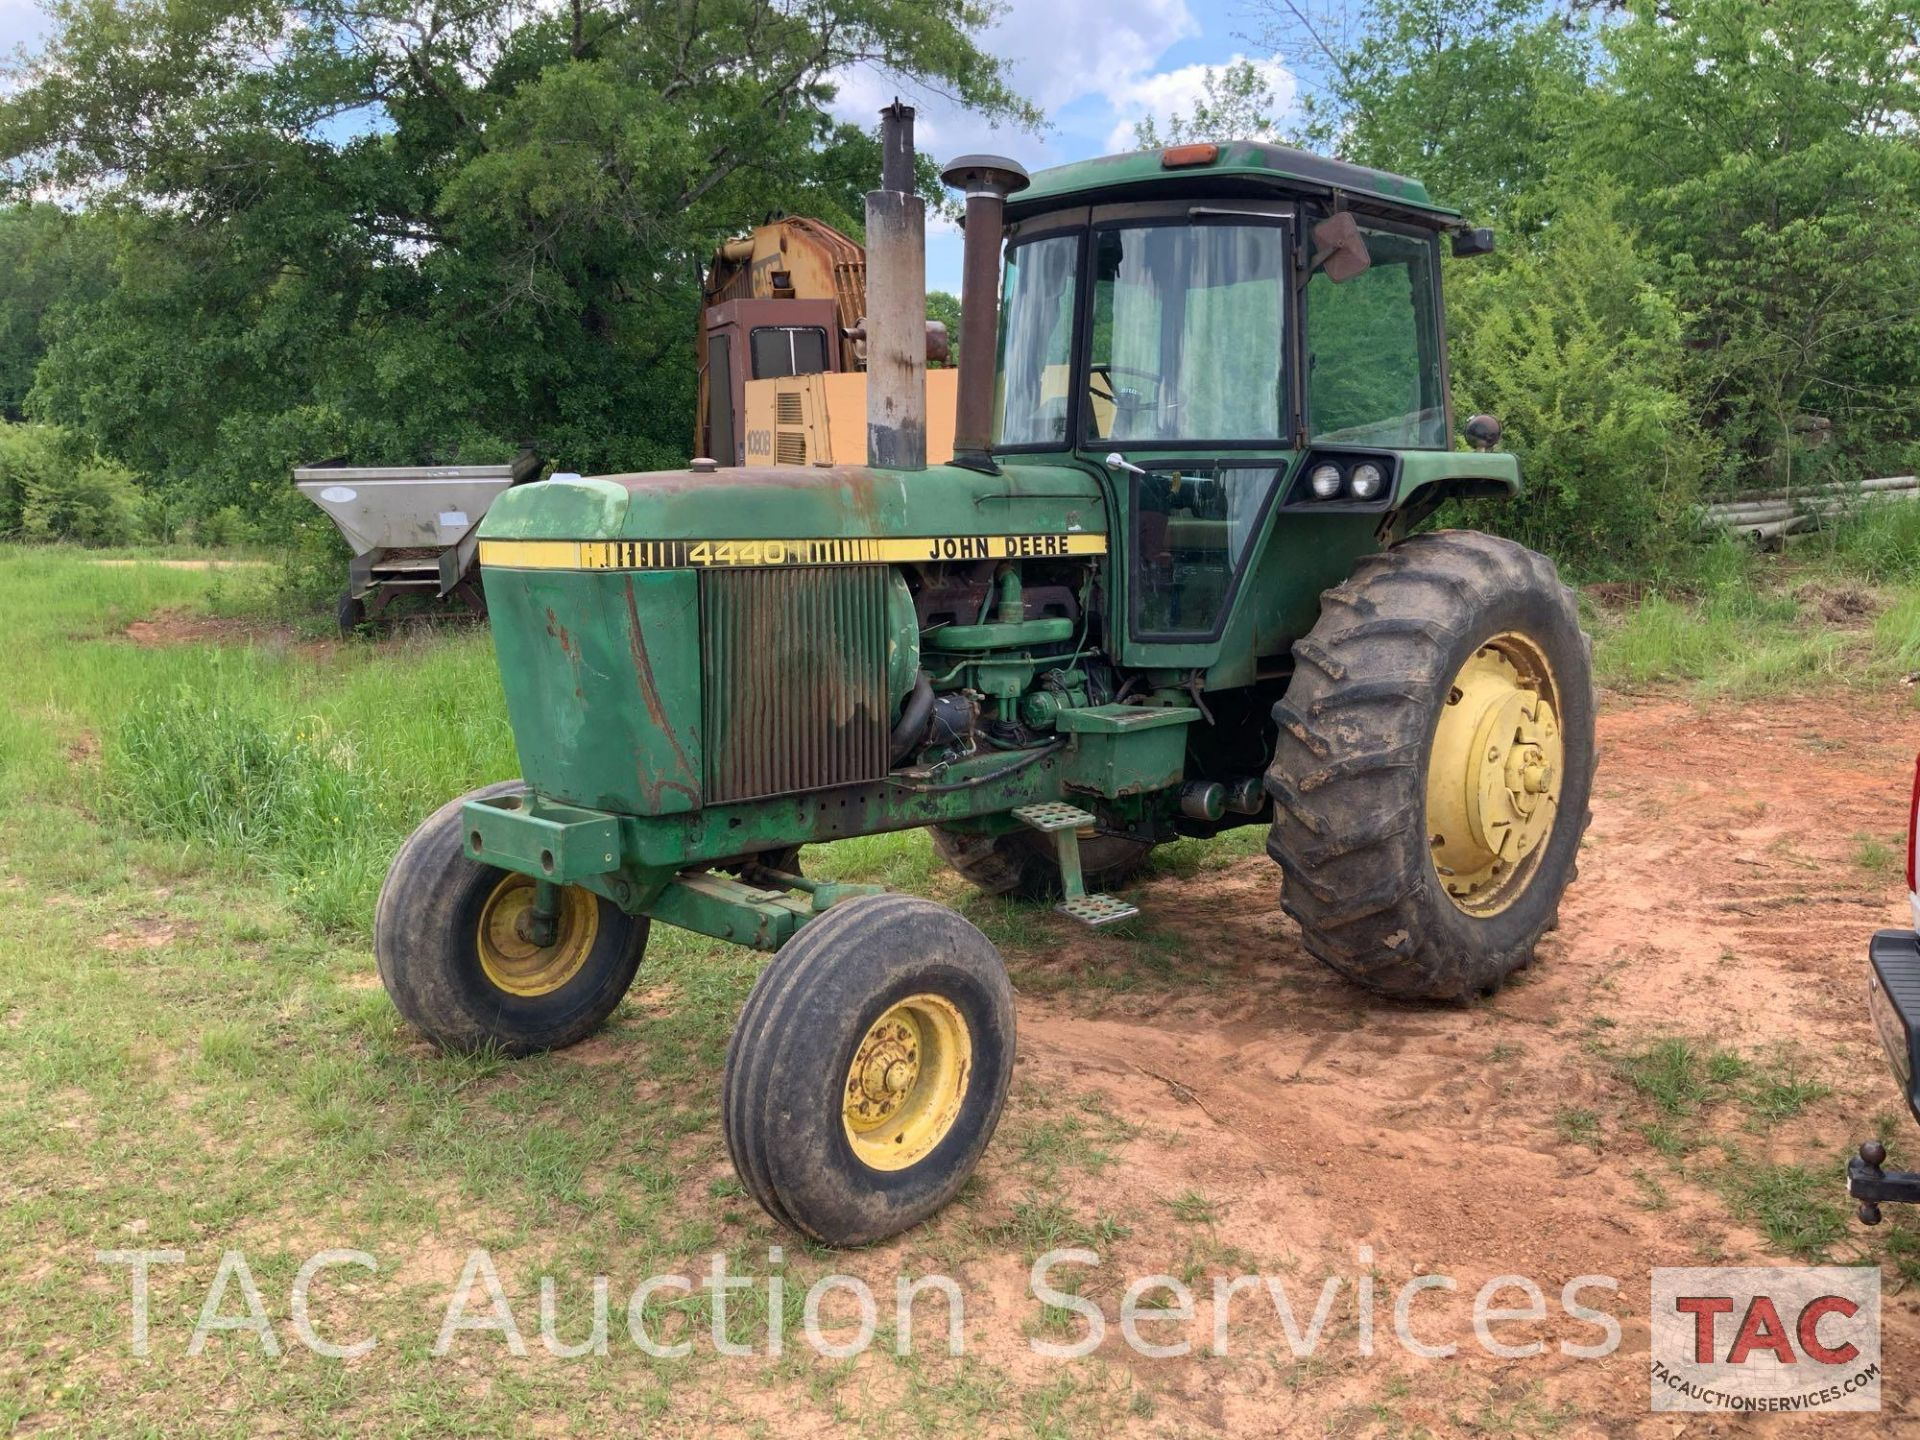 John Deere 4440 Tractor